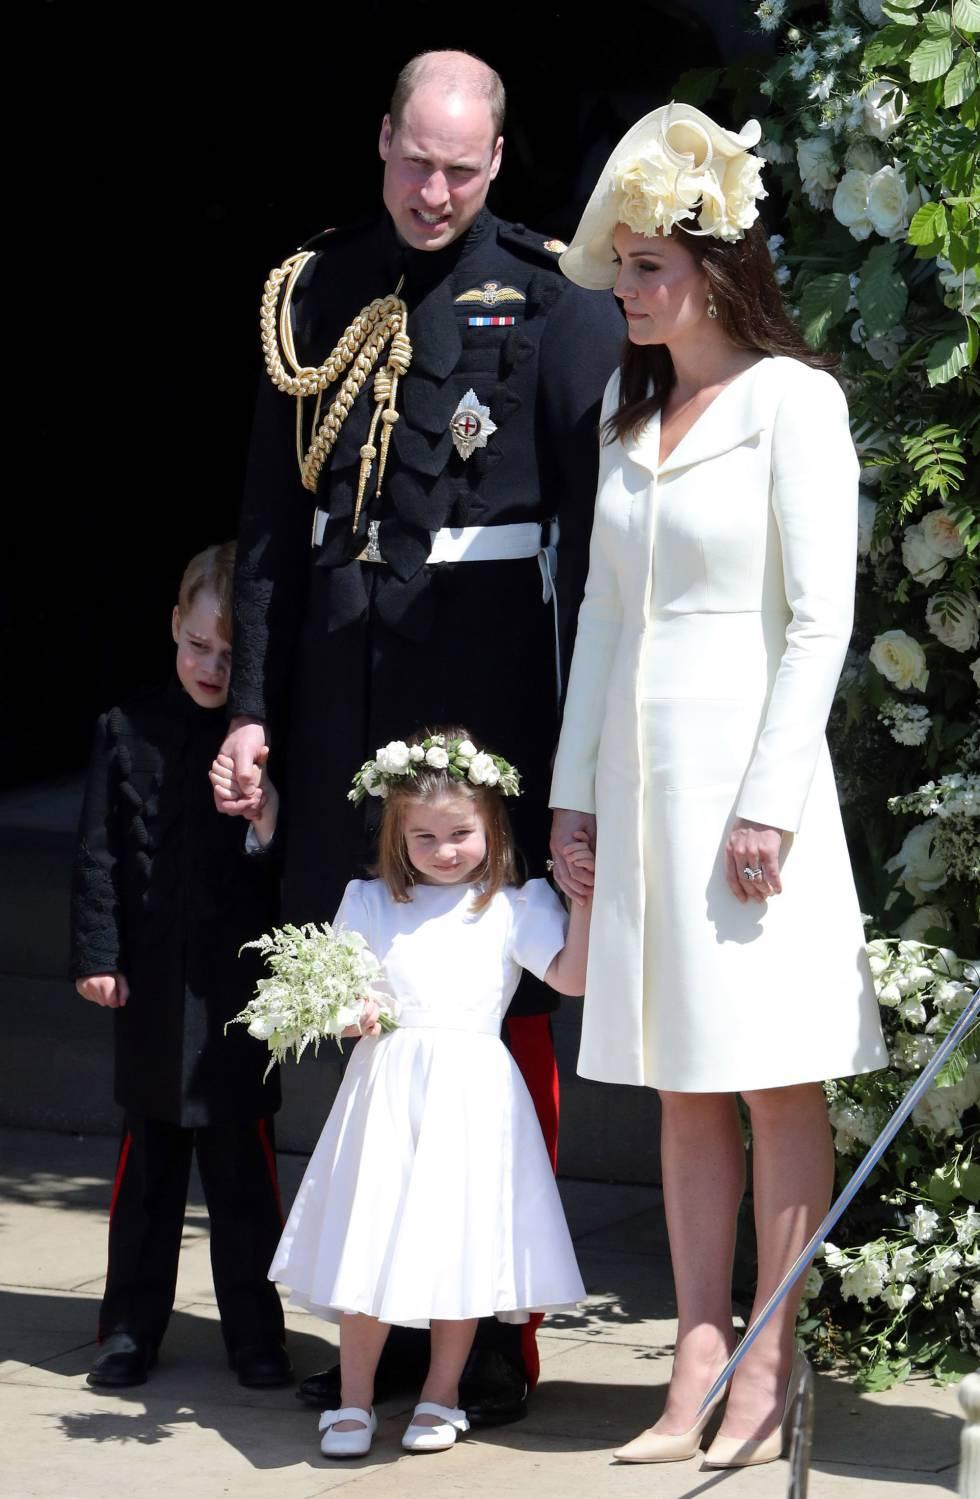 Los duques de Cambridge junto con sus hijos el príncipe Jorge y la princesa Carlota, a la salida de la capilla.